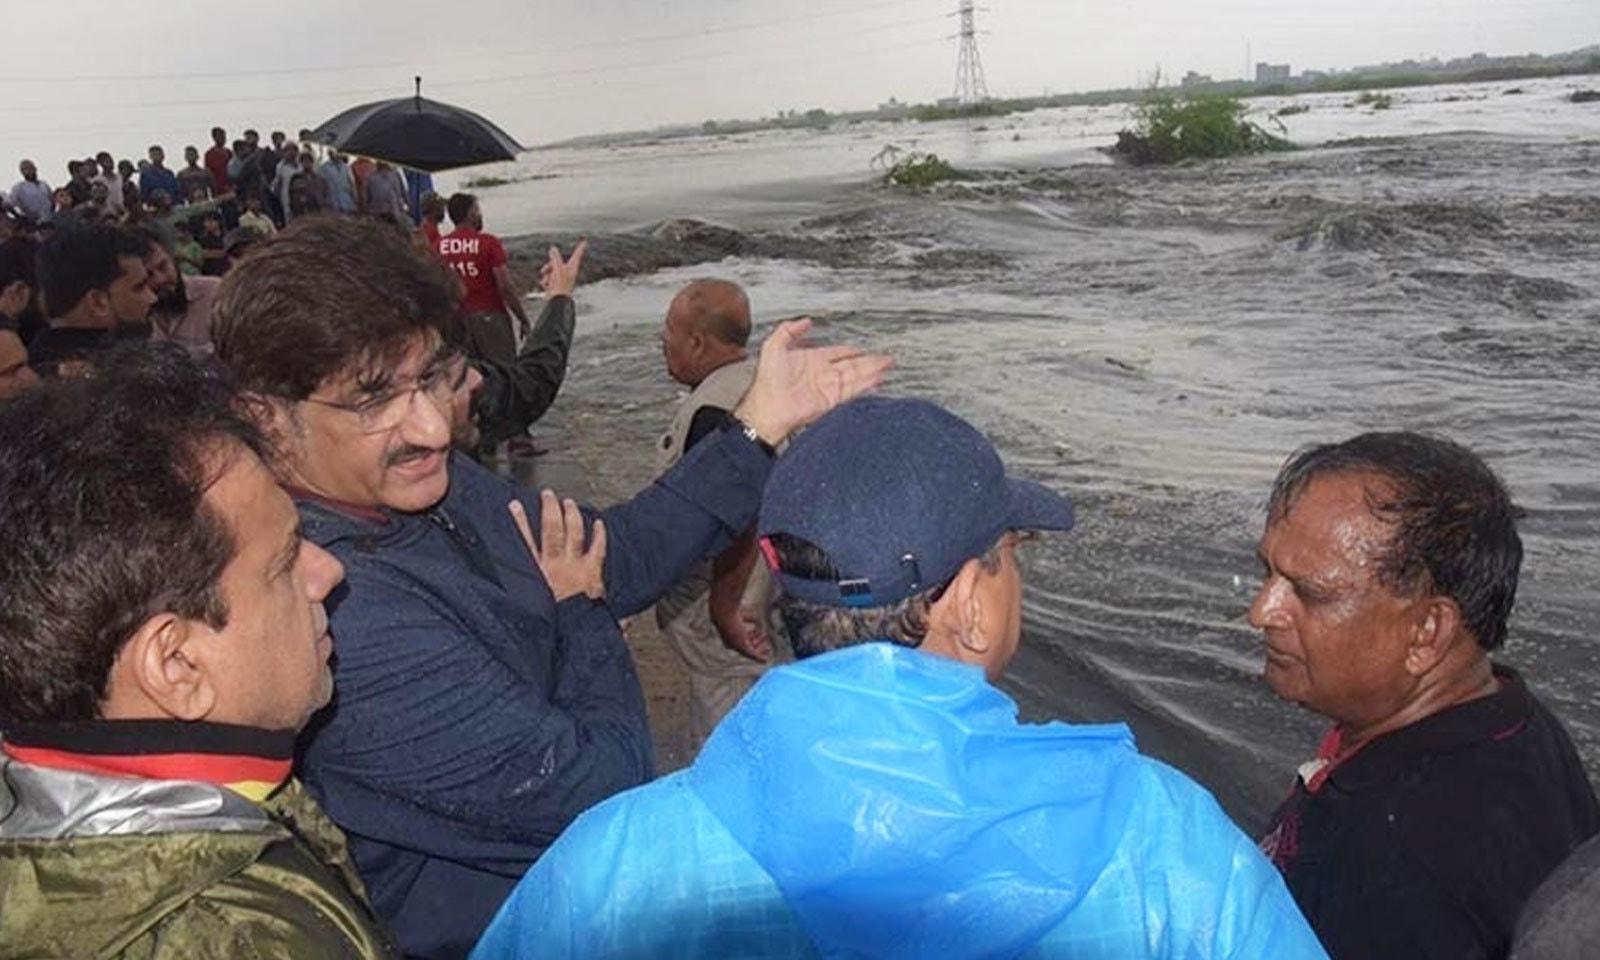 کئی علاقے زیر آب آنے کے بعد وزیر اعلیٰ سندھ نے شہر کا دورہ بھی کیا—فوٹو: ڈان نیوز